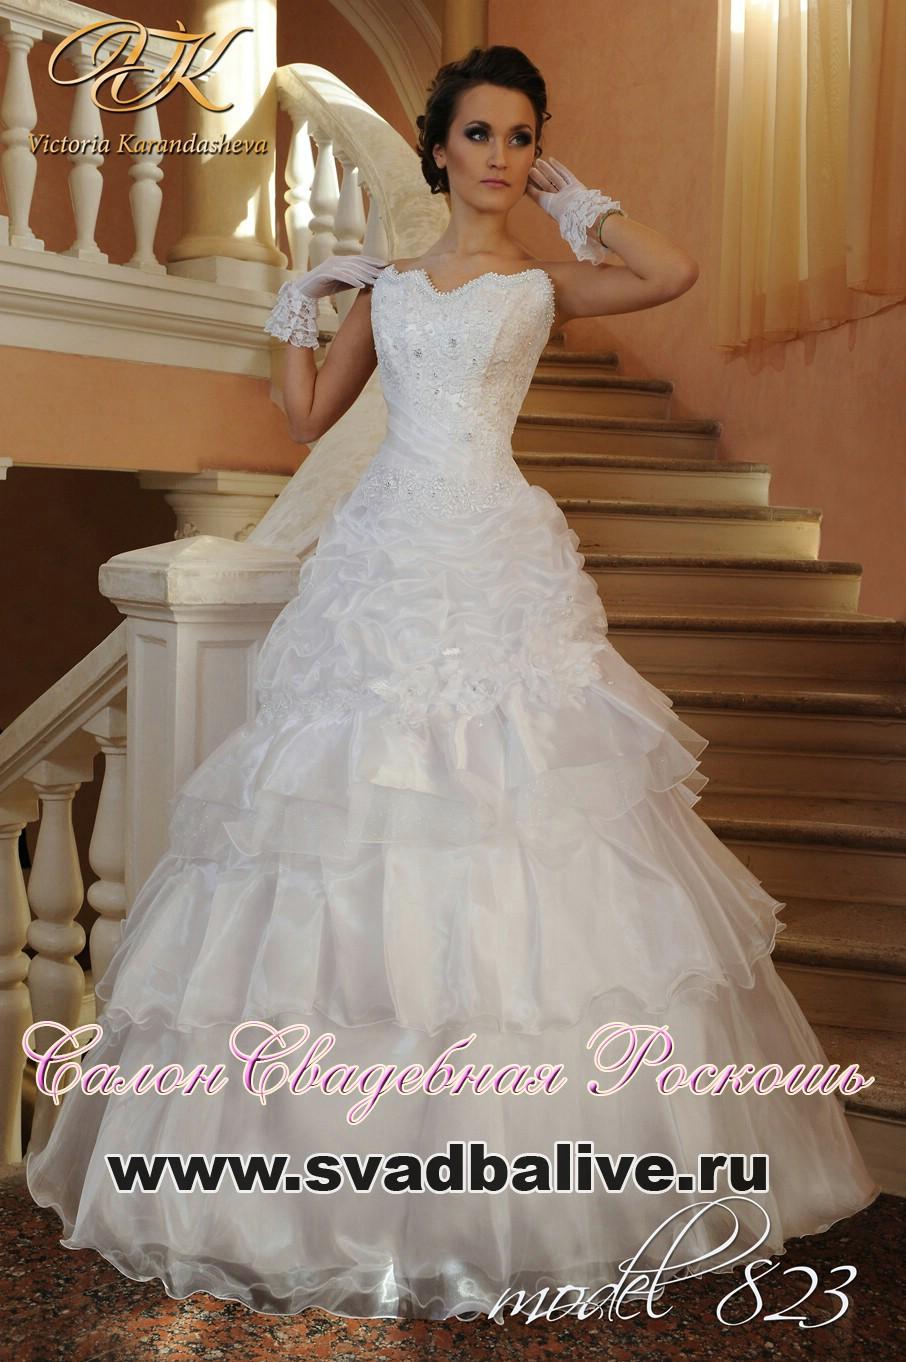 Цены На Свадебные Платья Эконом